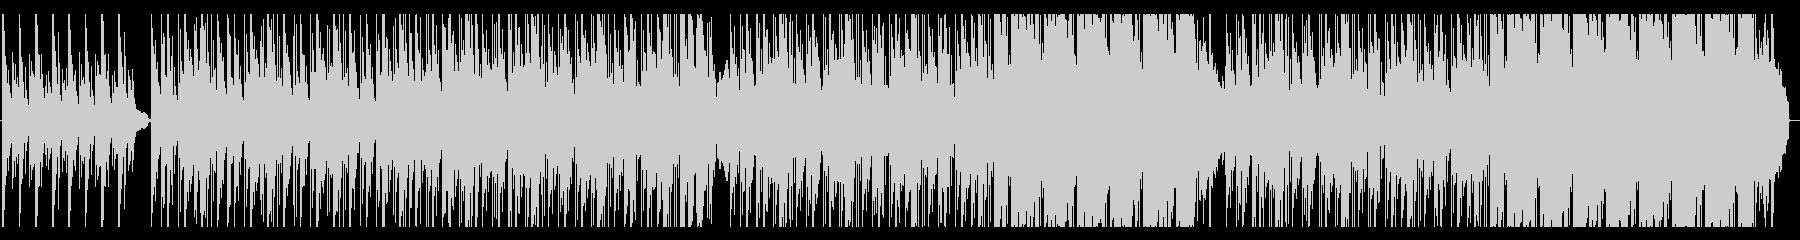 ピアノ・悲しげ・寂しげ・ヒップホップの未再生の波形